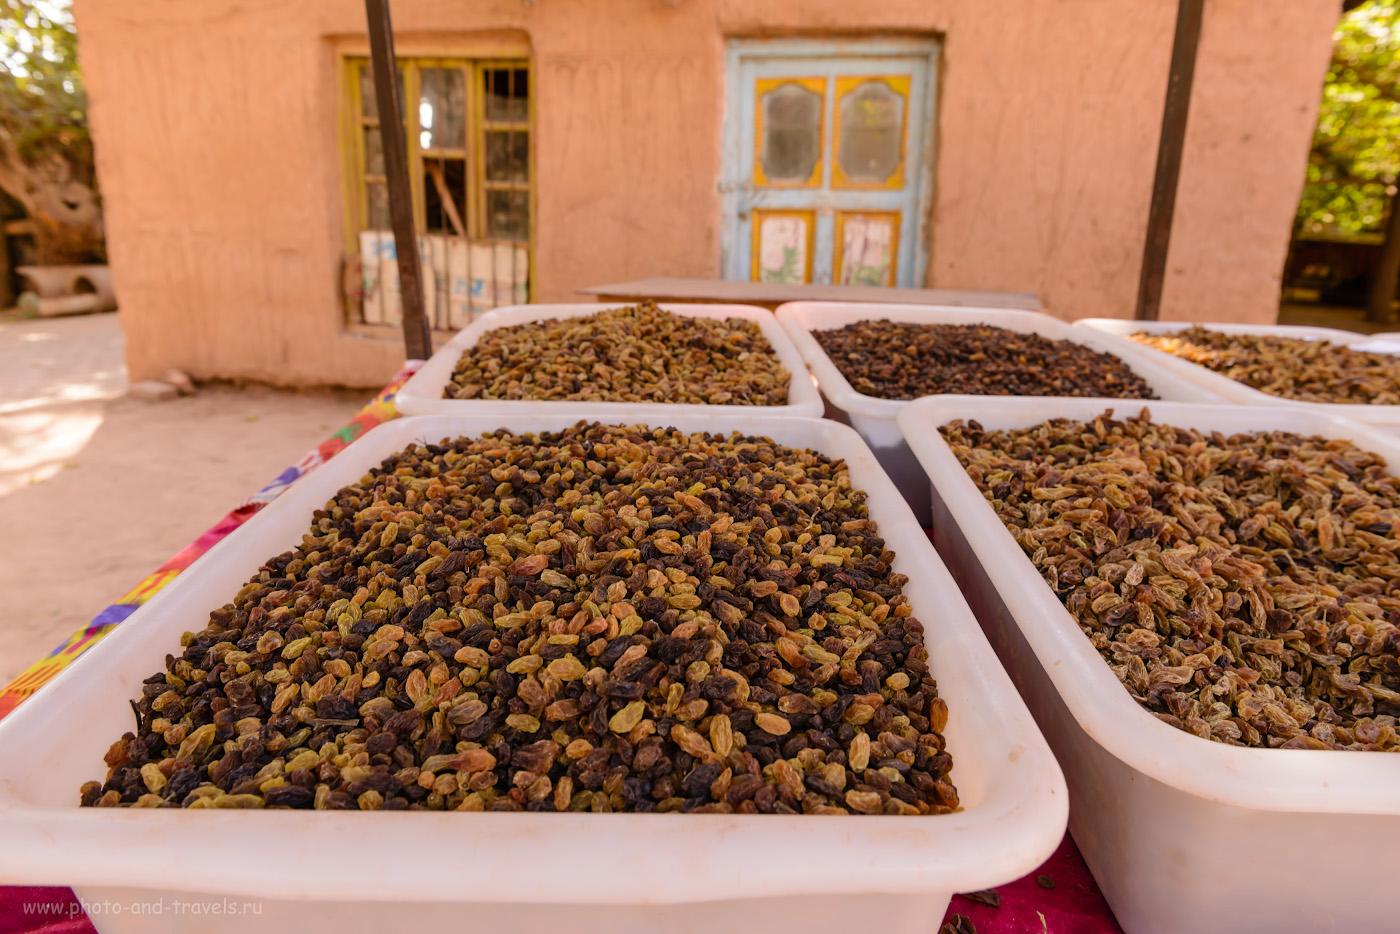 Фото 1. В Турфанском оазисе производится 90% всего винограда и изюма Китая. Жители кишлака Туюк-мазар предлагают деликатесы туристам. Камера Nikon D610, объектив Nikon 24-70mm f/2.8, настройки: выдержка 1/50 сек, экспокоррекция -0,67 EV, диафрагма f/8.0, ISO 220, фокусное расстояние 24 мм.